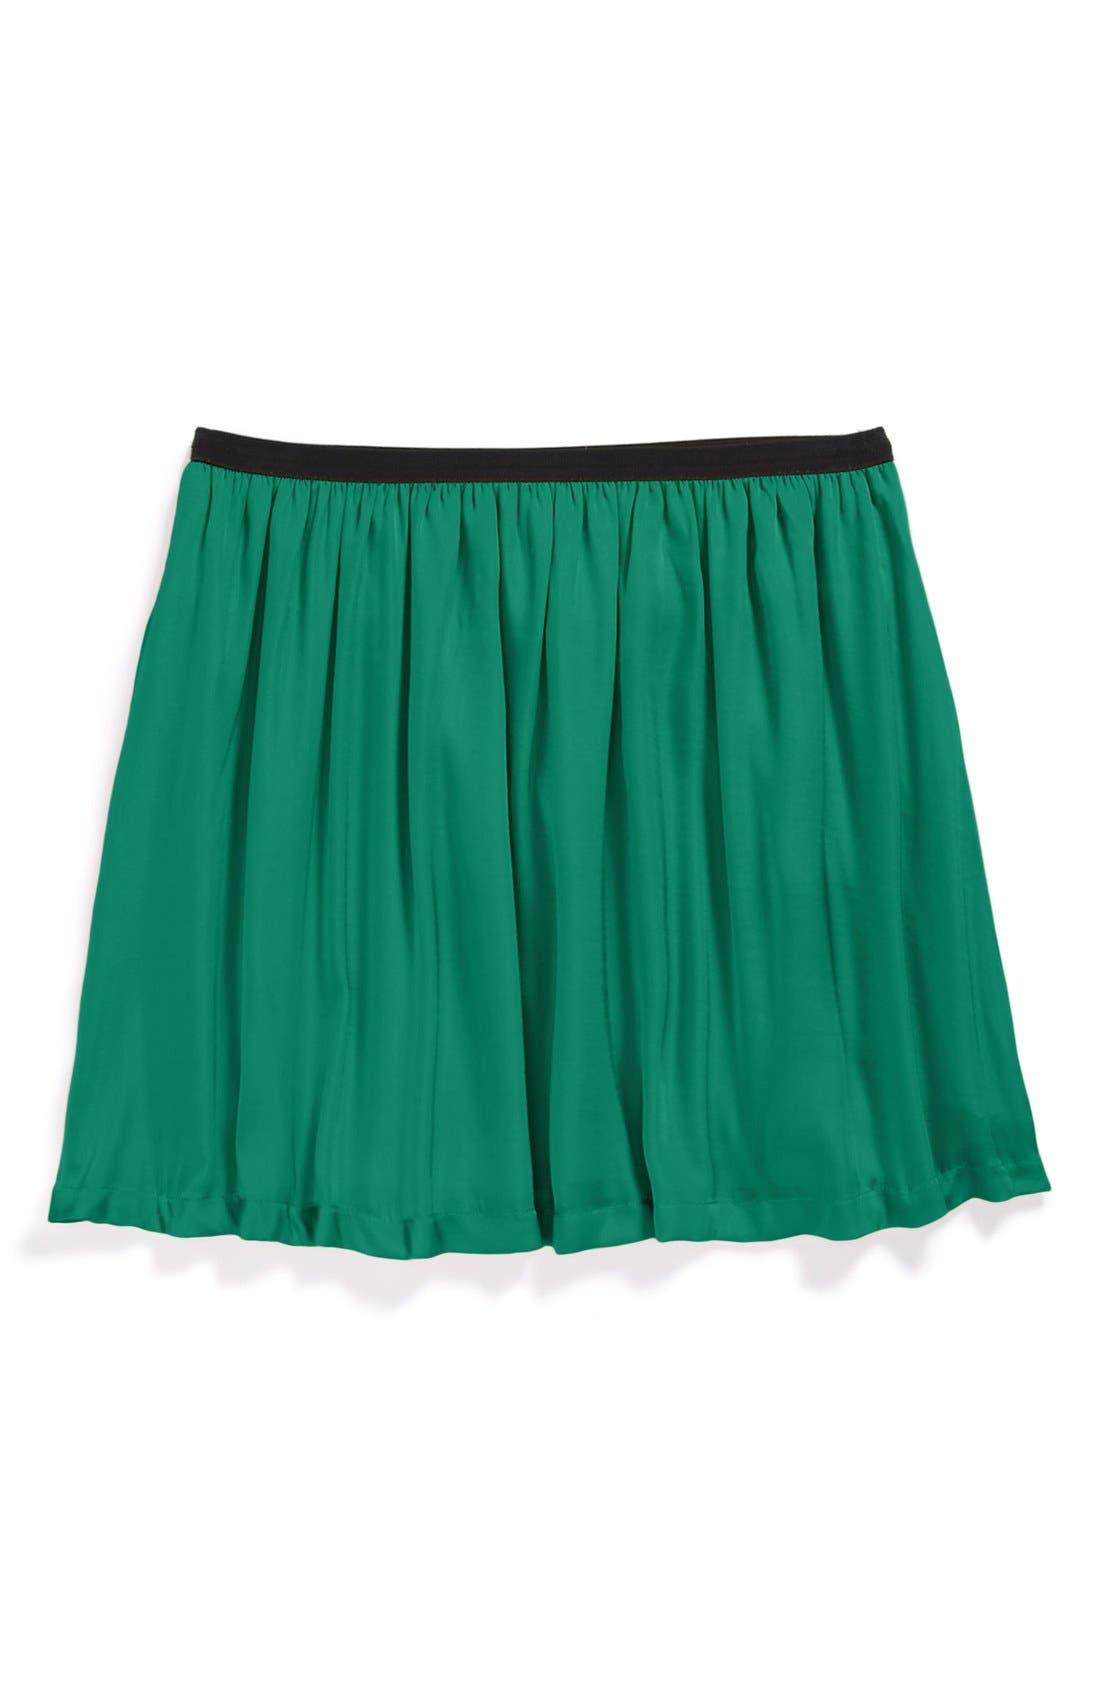 Alternate Image 1 Selected - Ruby & Bloom Satin Skirt (Little Girls & Big Girls)